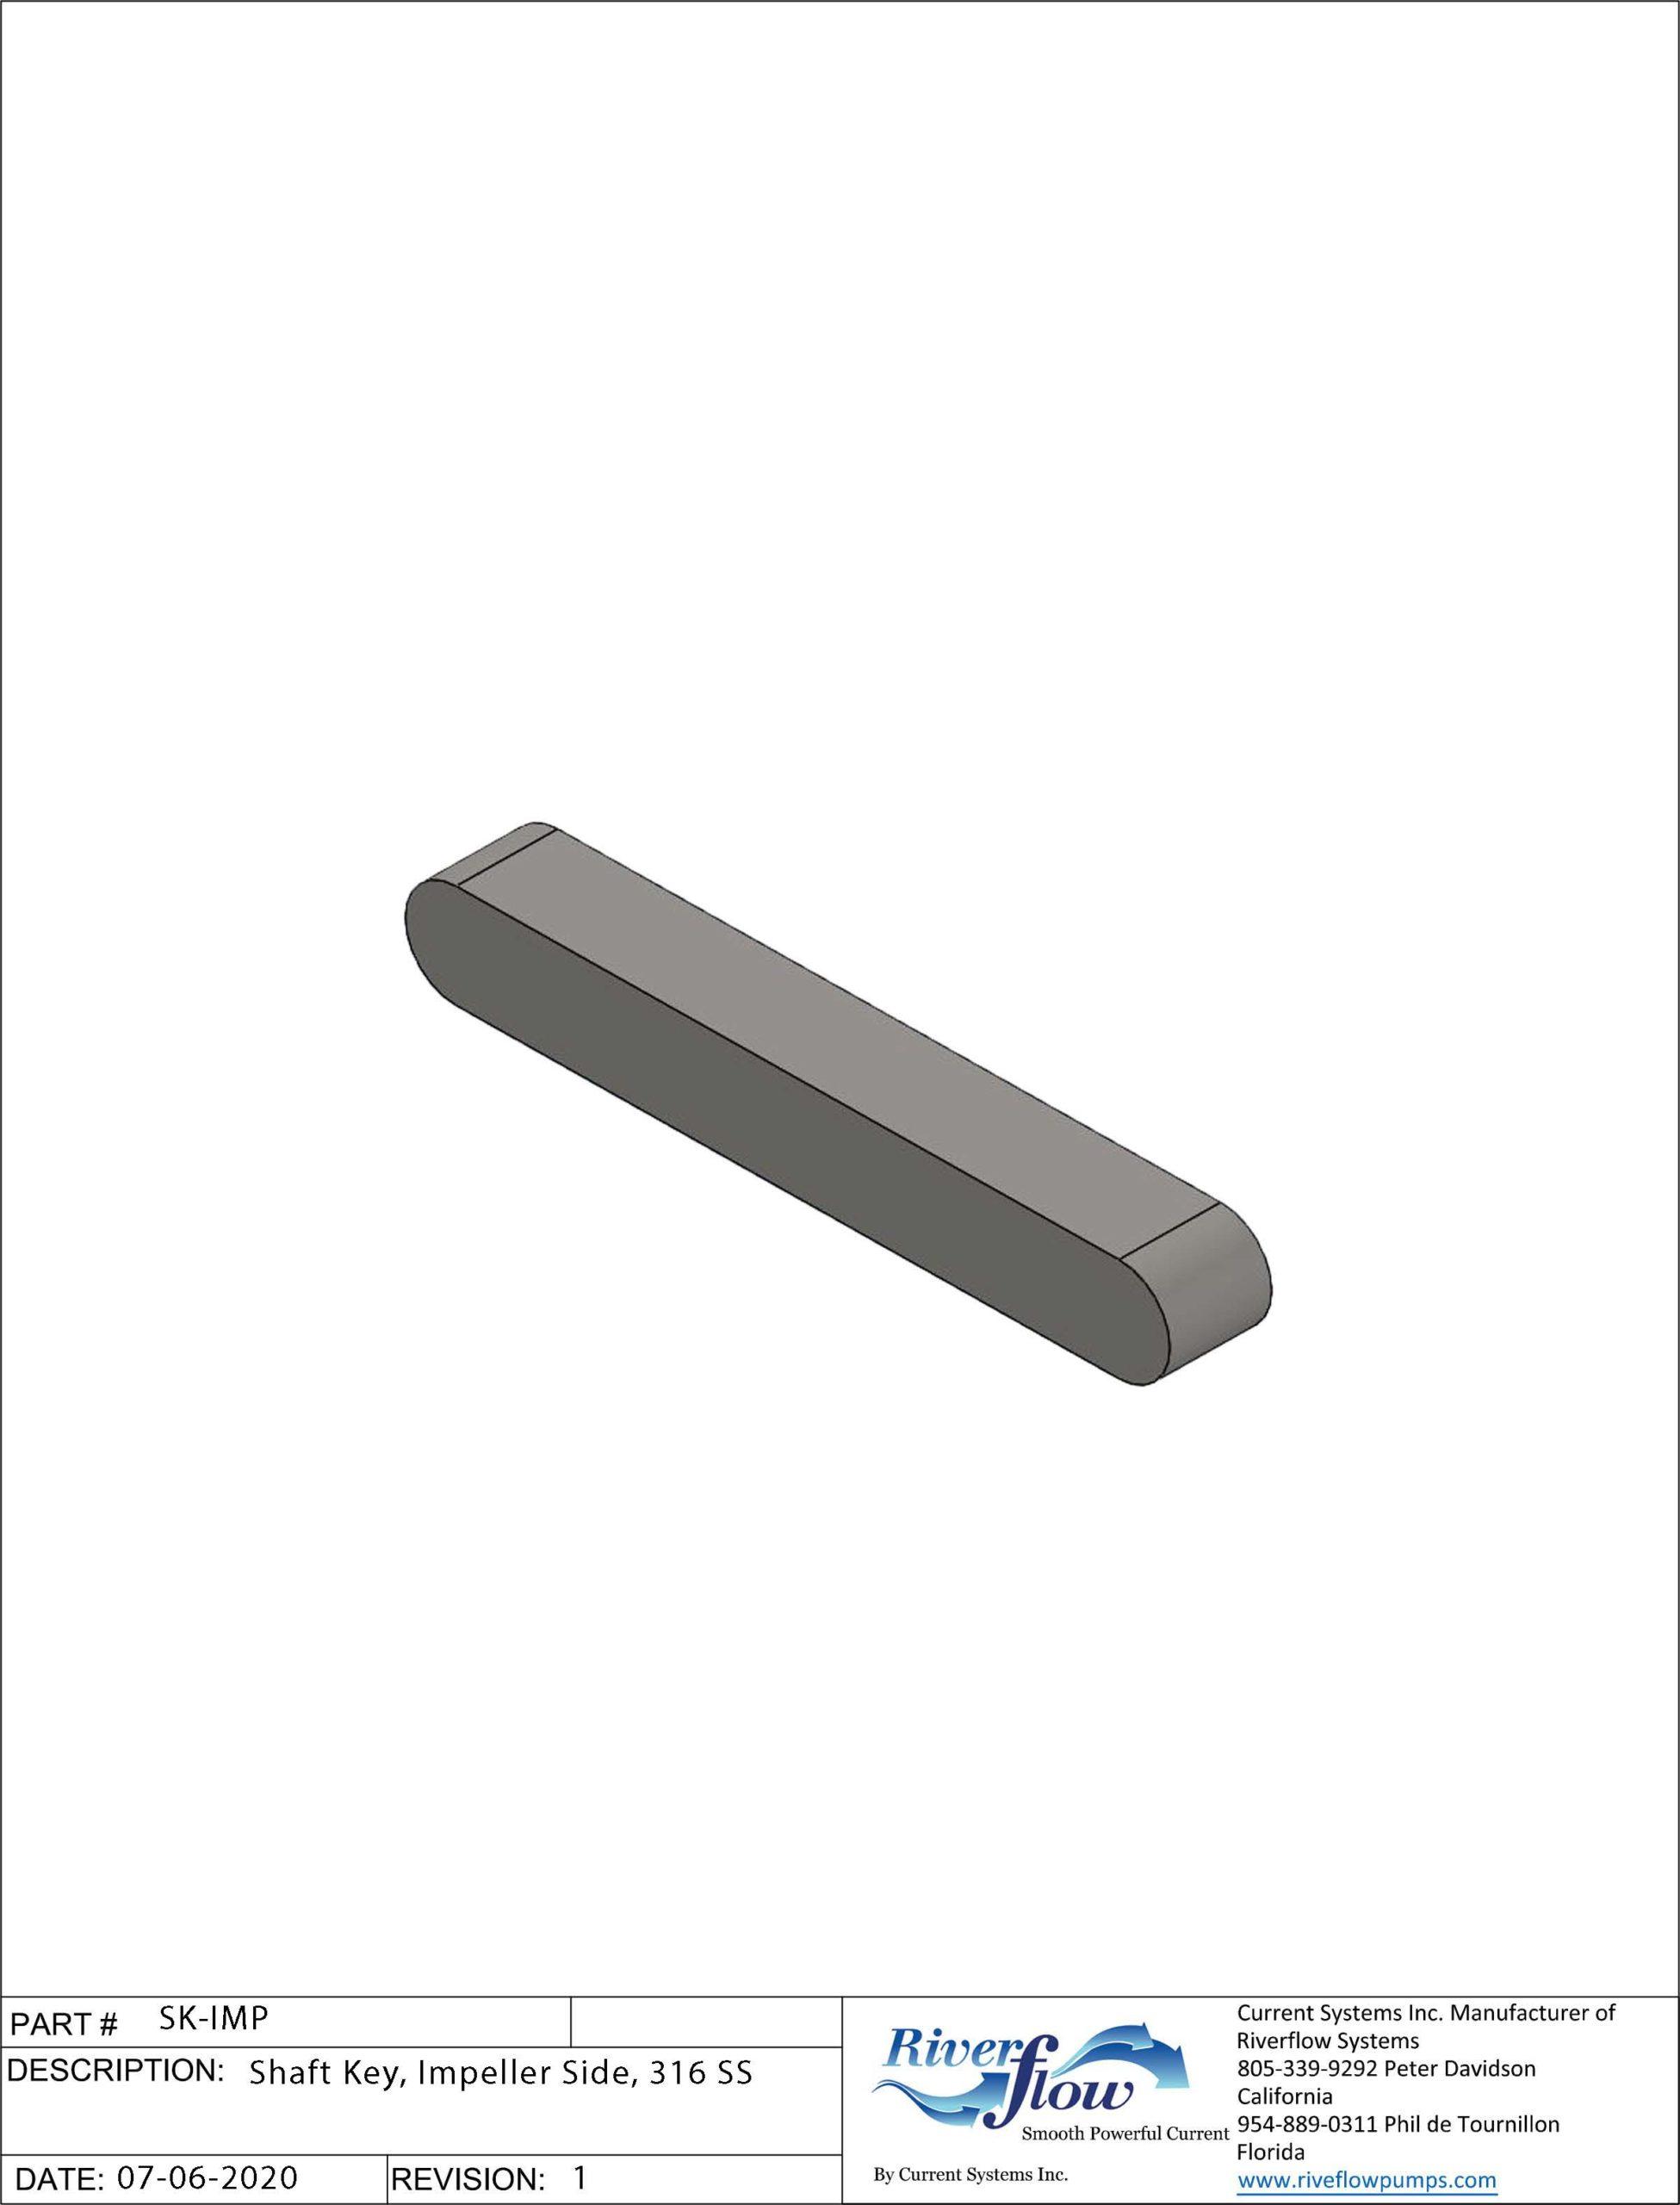 PN#: SK-IMP  Shaft Key, Impeller Side, 316 SS